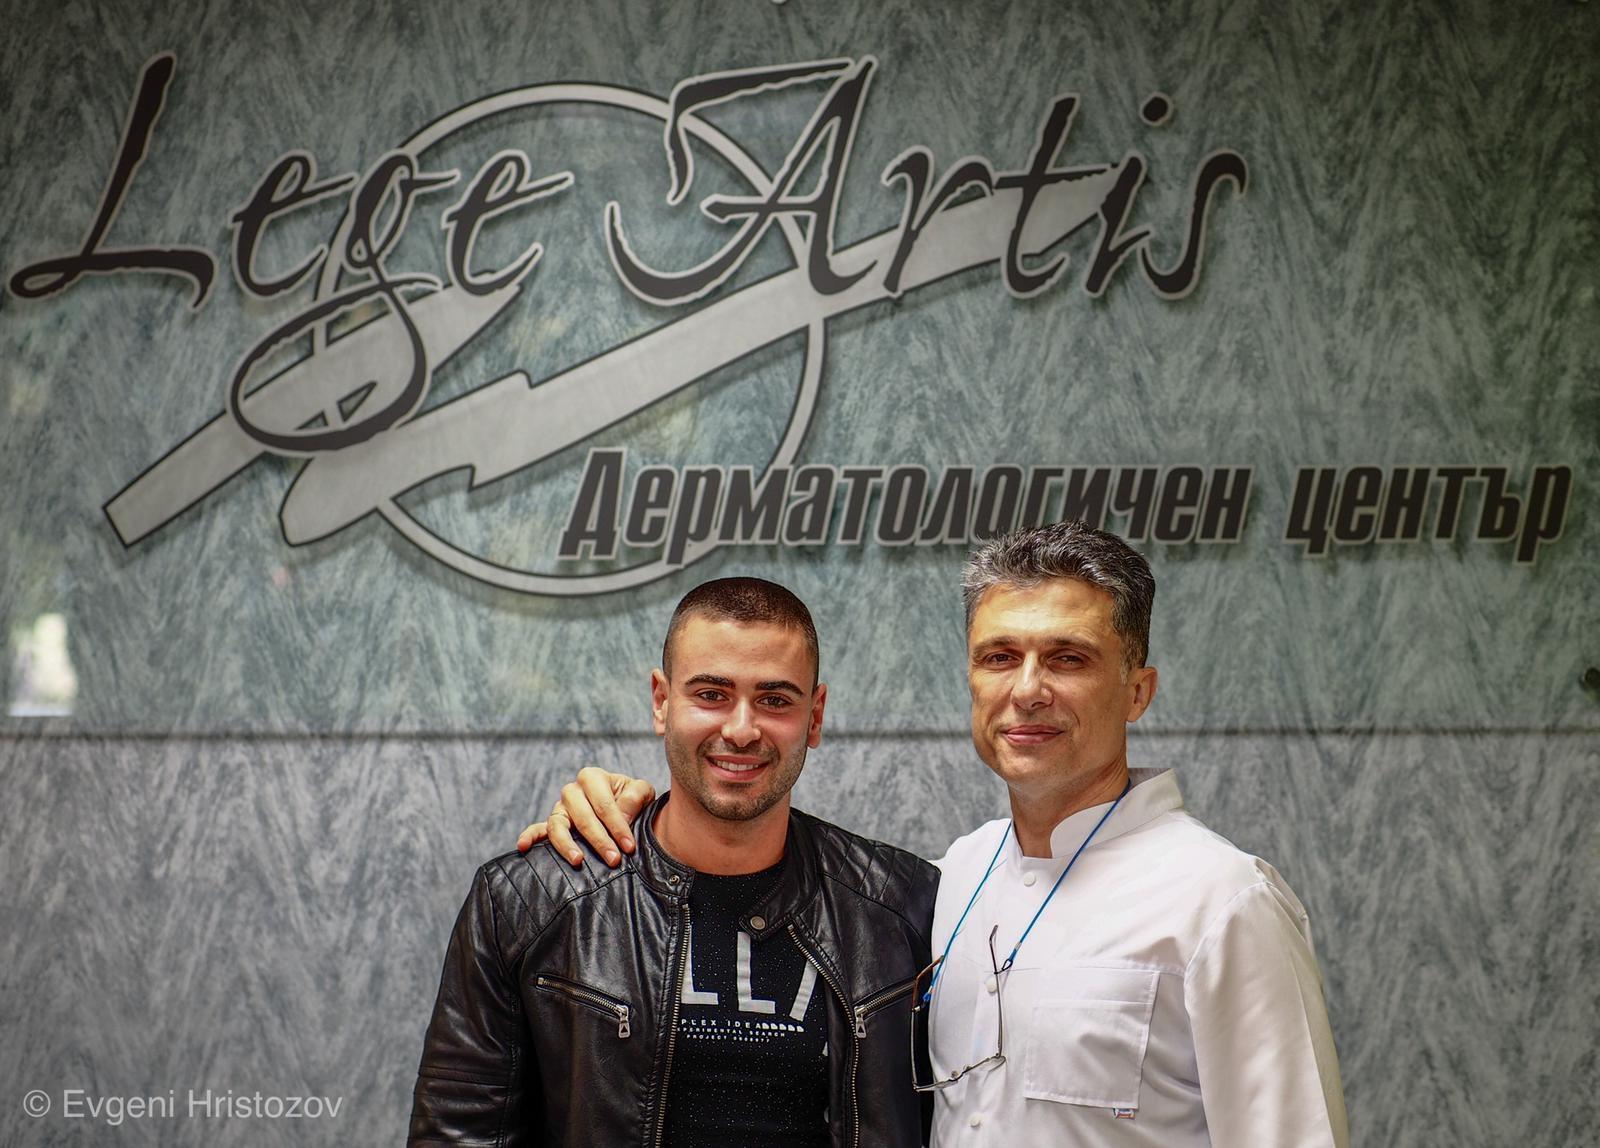 Ивелин Братанов и д-р Христозов